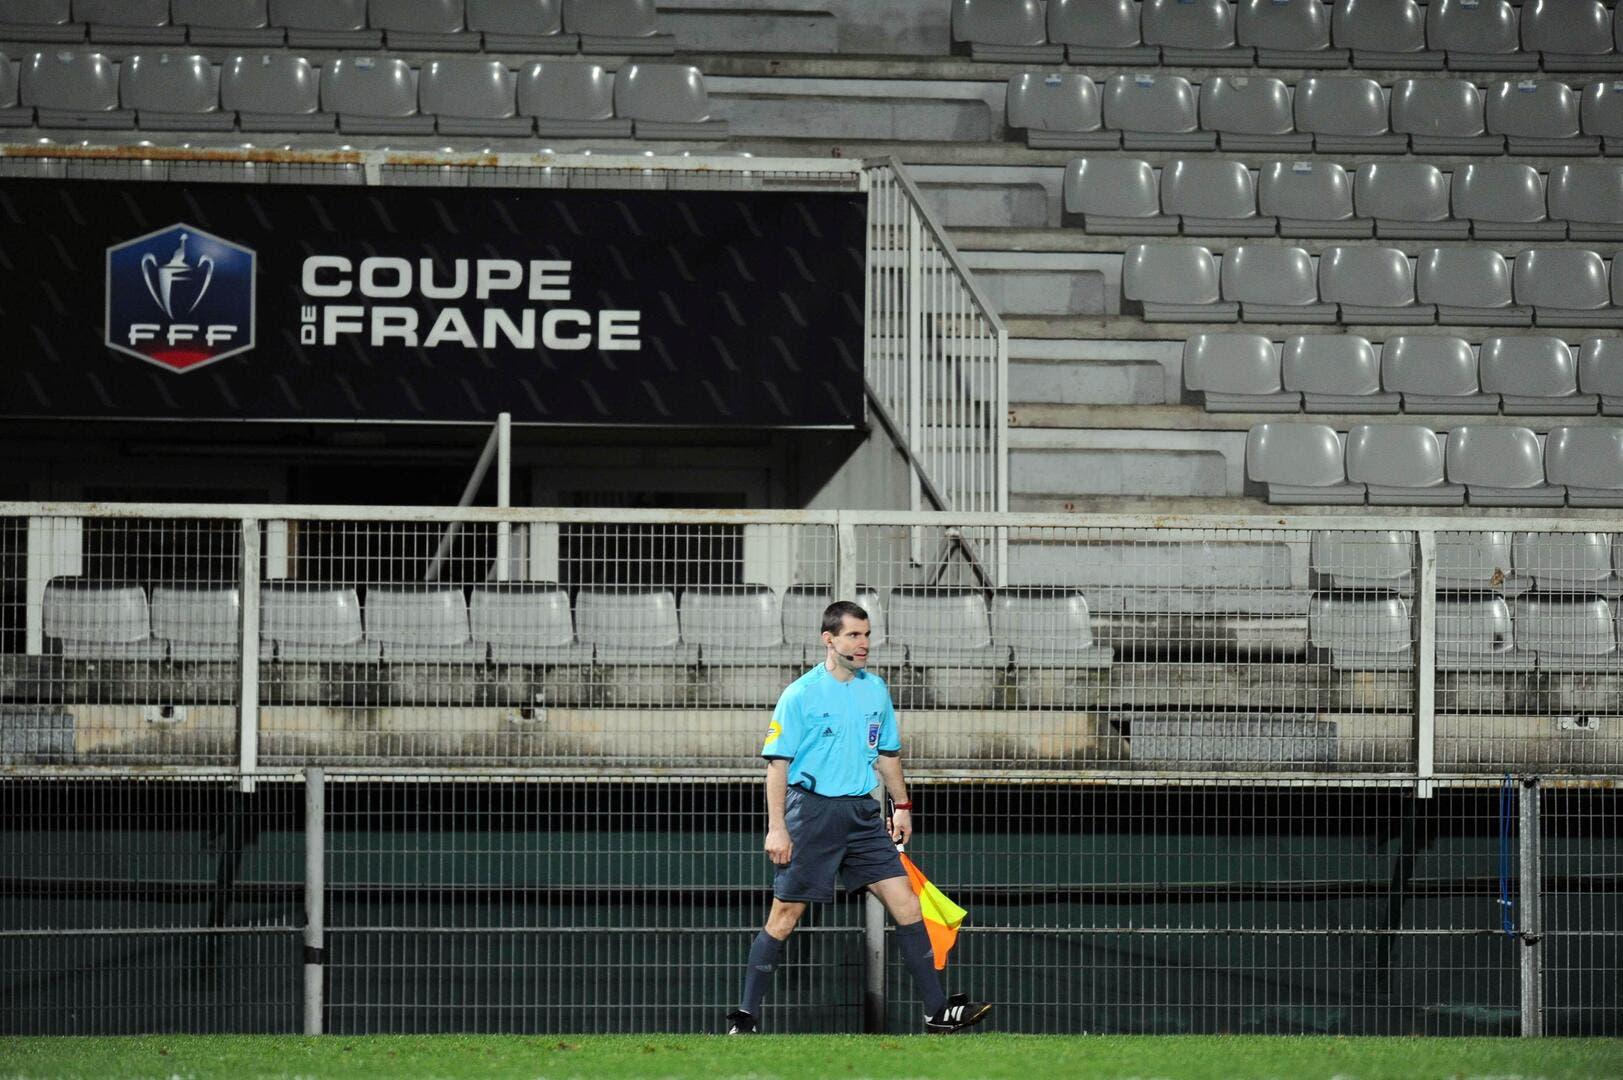 Coupes : Des finales avec 5 000 spectateurs au Stade de France